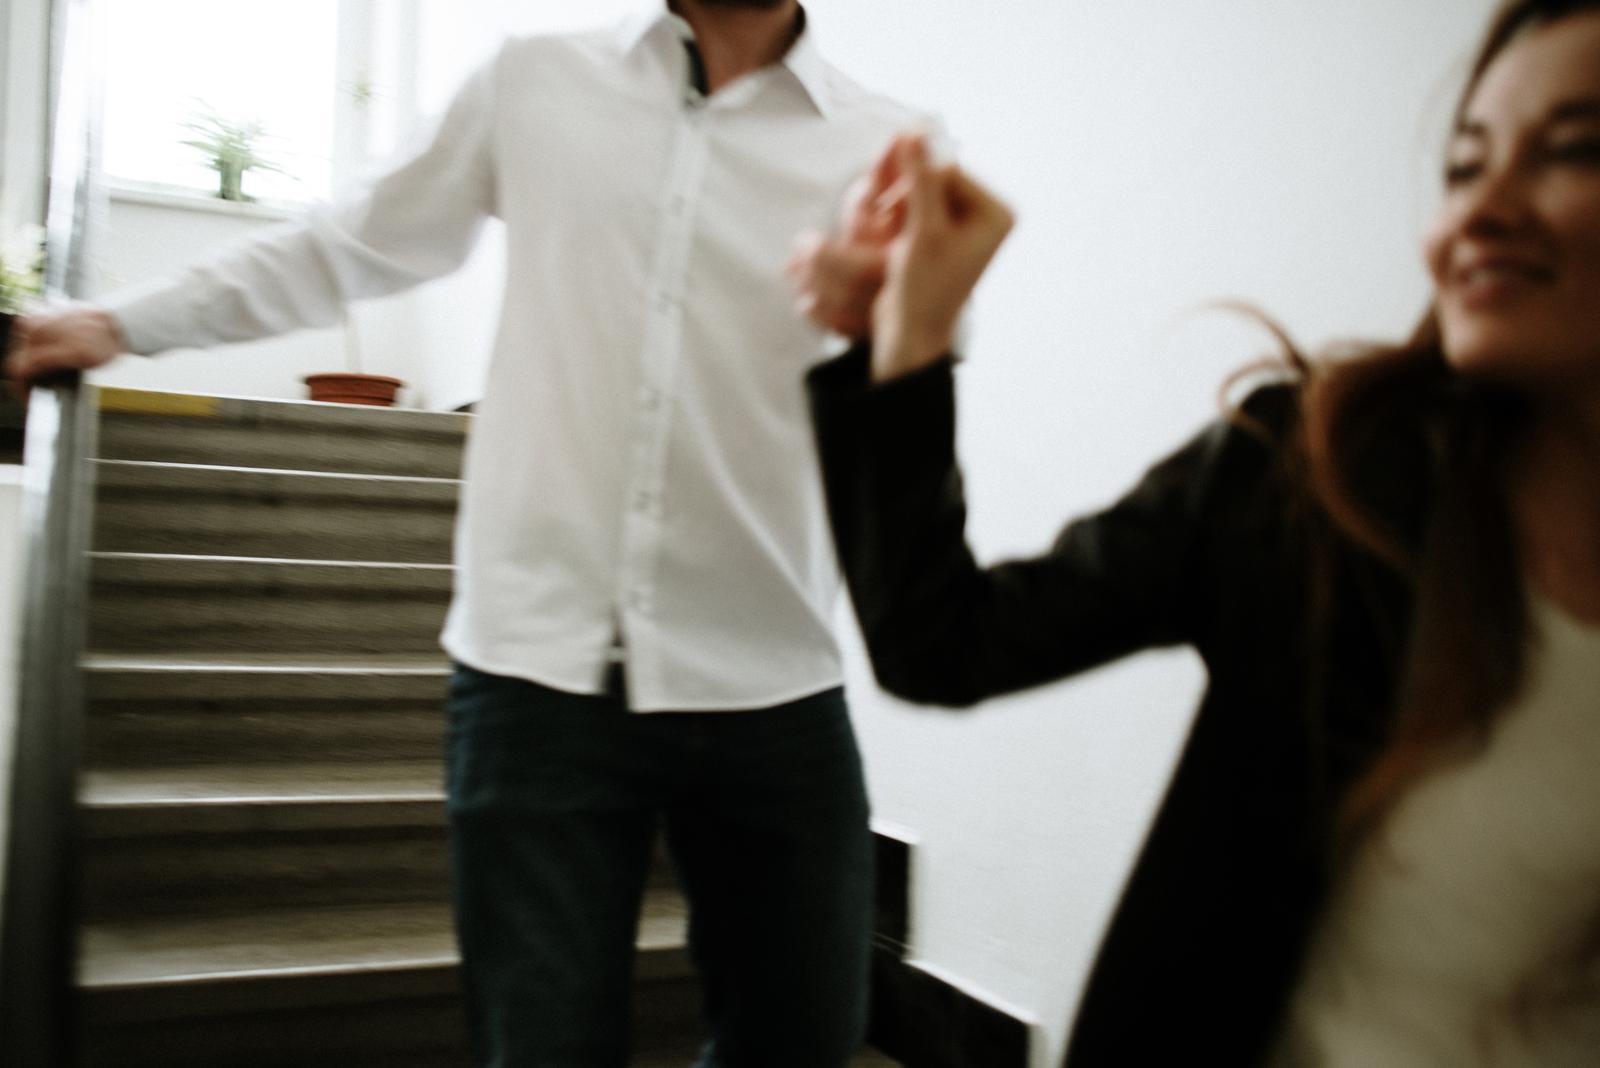 Jak udělat malou svatbu jen o dvou lidech? - Obrázek č. 21